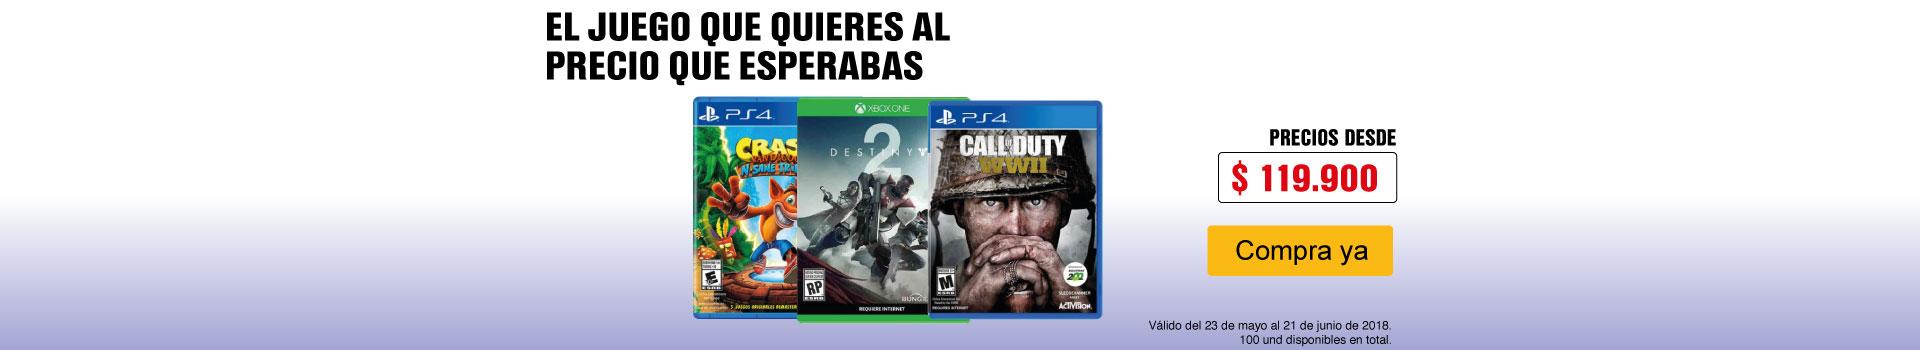 AK-KT-BCAT-9-videojuegos-PP---Ps4-Xbx-dctos-May23